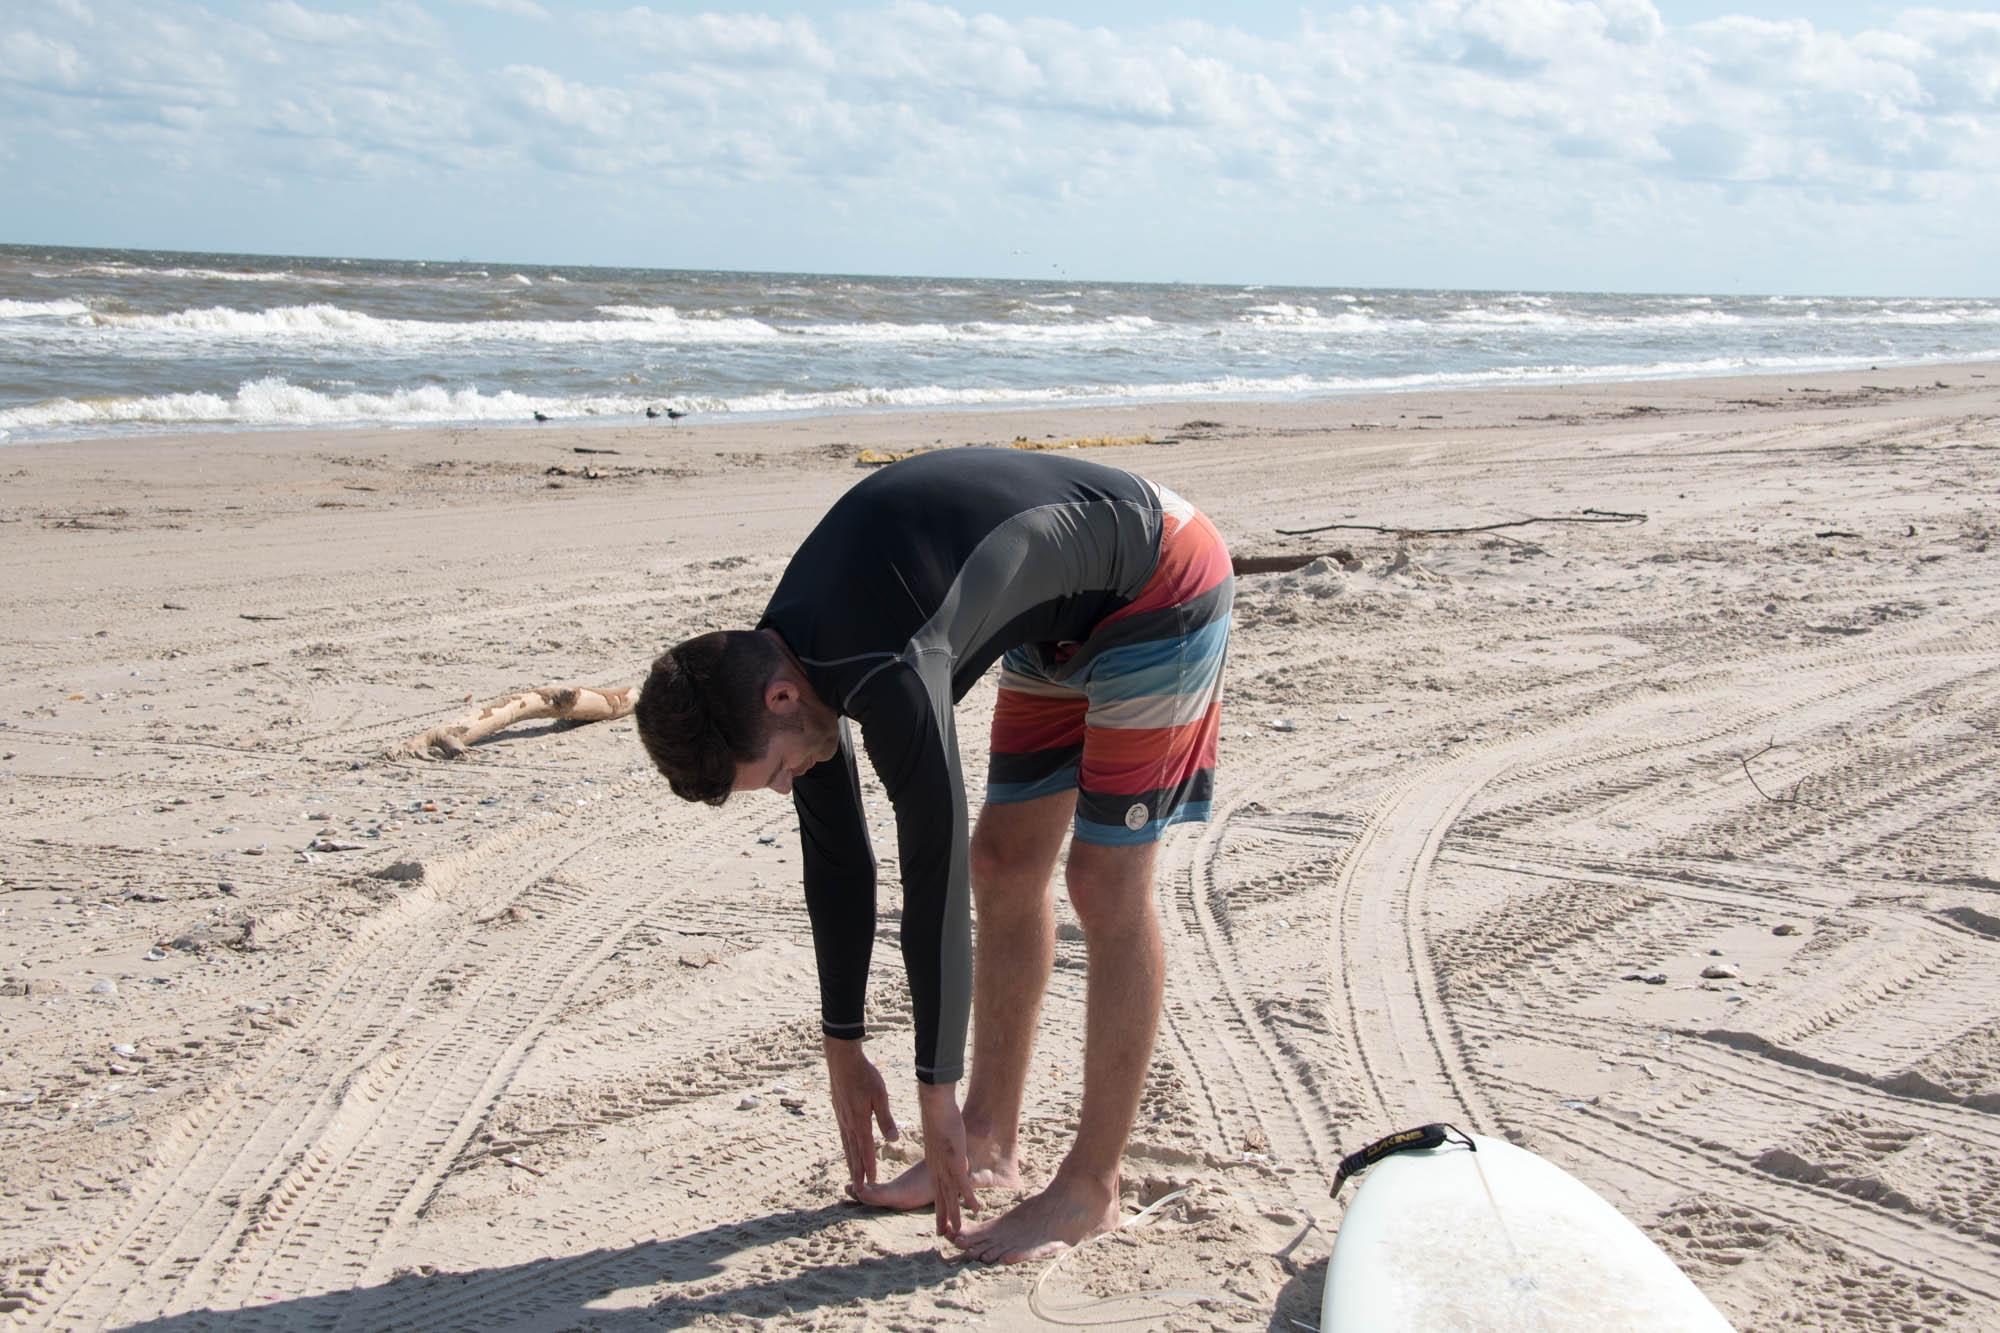 beach surfer